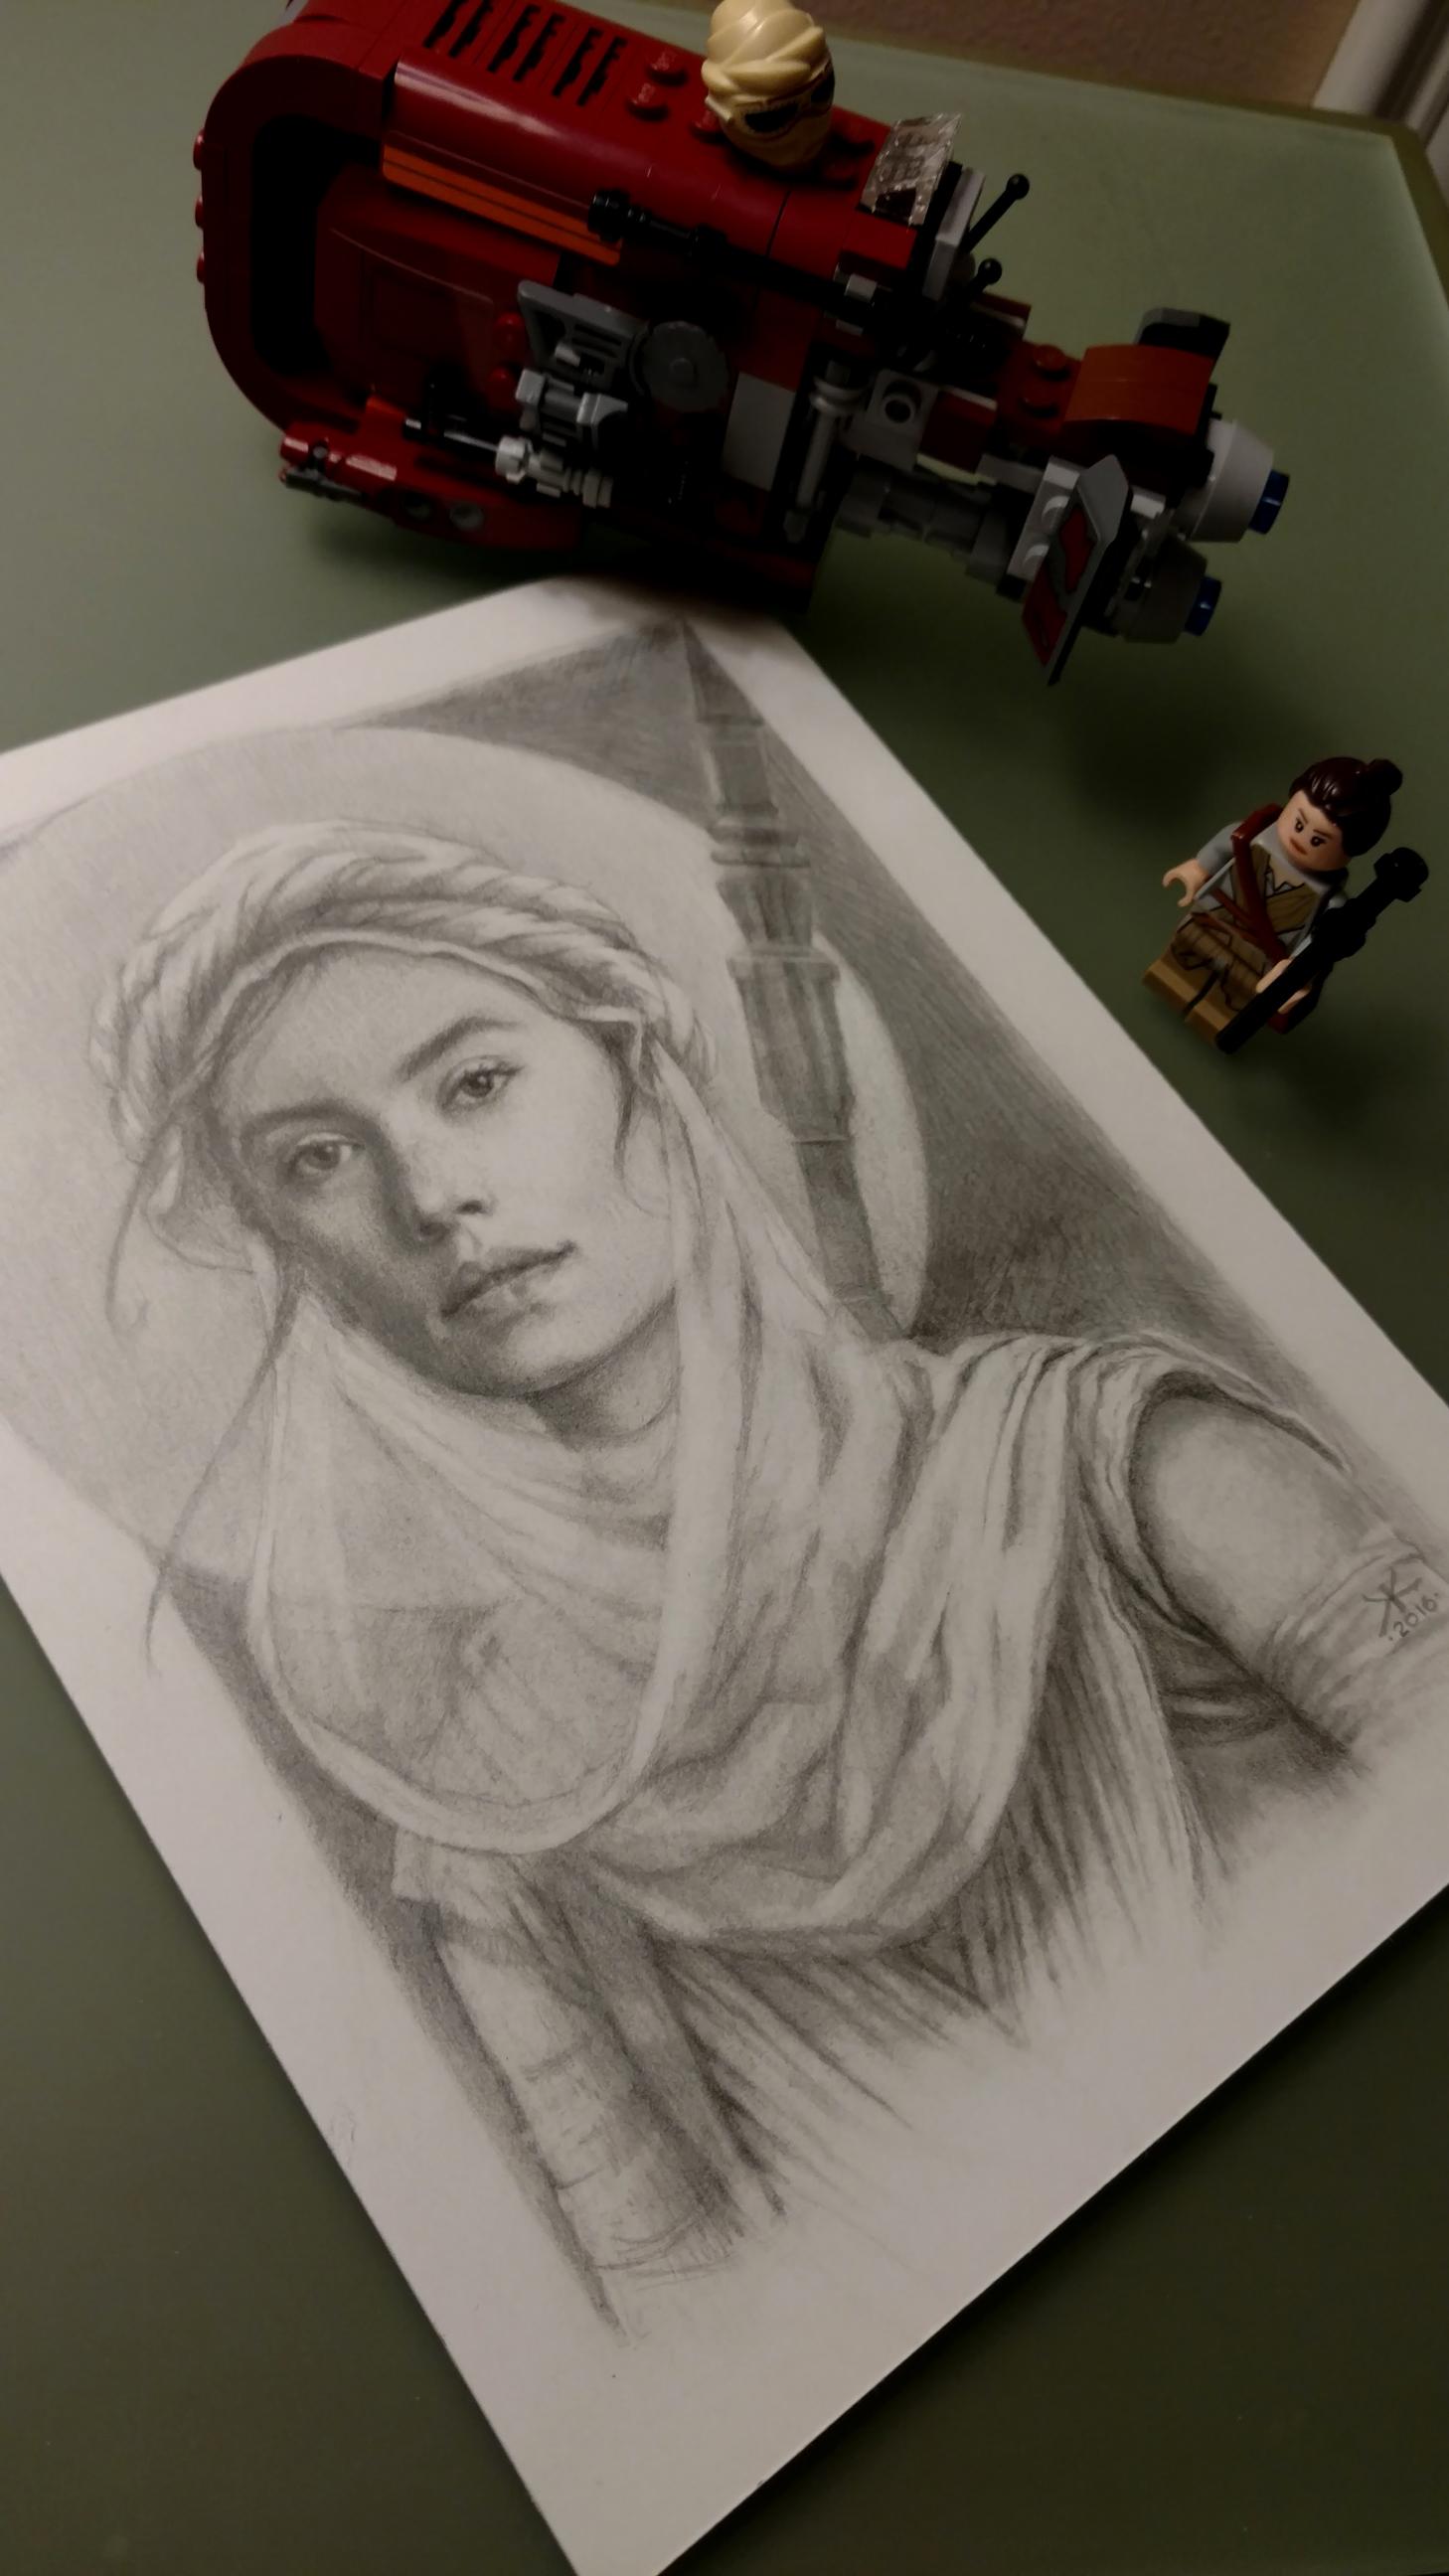 Original art by kim kincaid